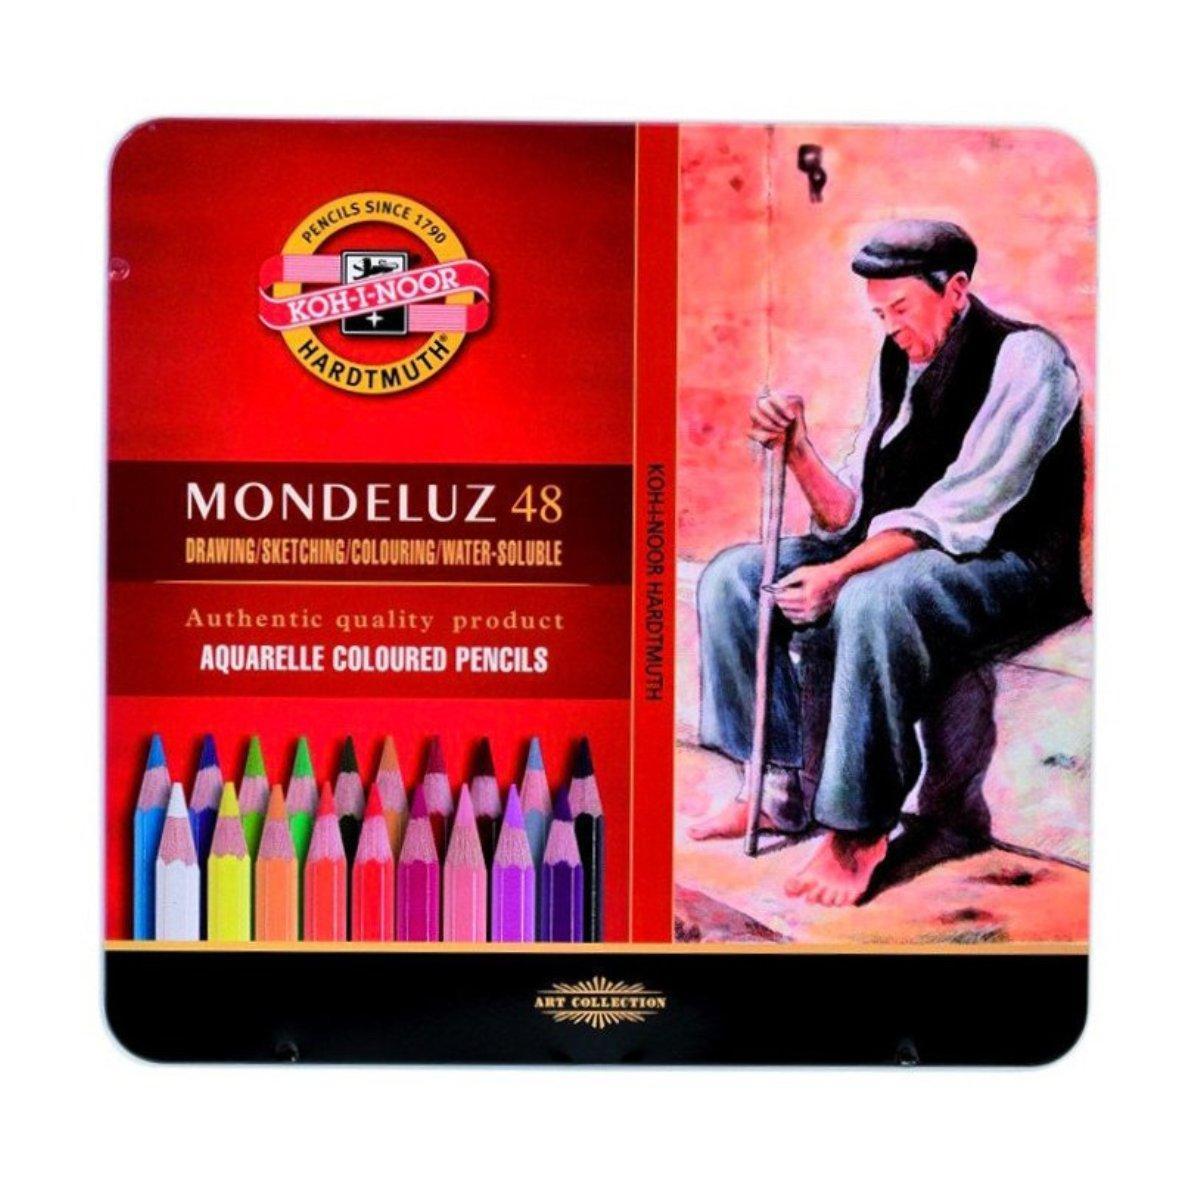 Набор цветных акварельных карандашей 48 шт. KOH-I-NOOR в металлической коробке 372604 Mondeluz